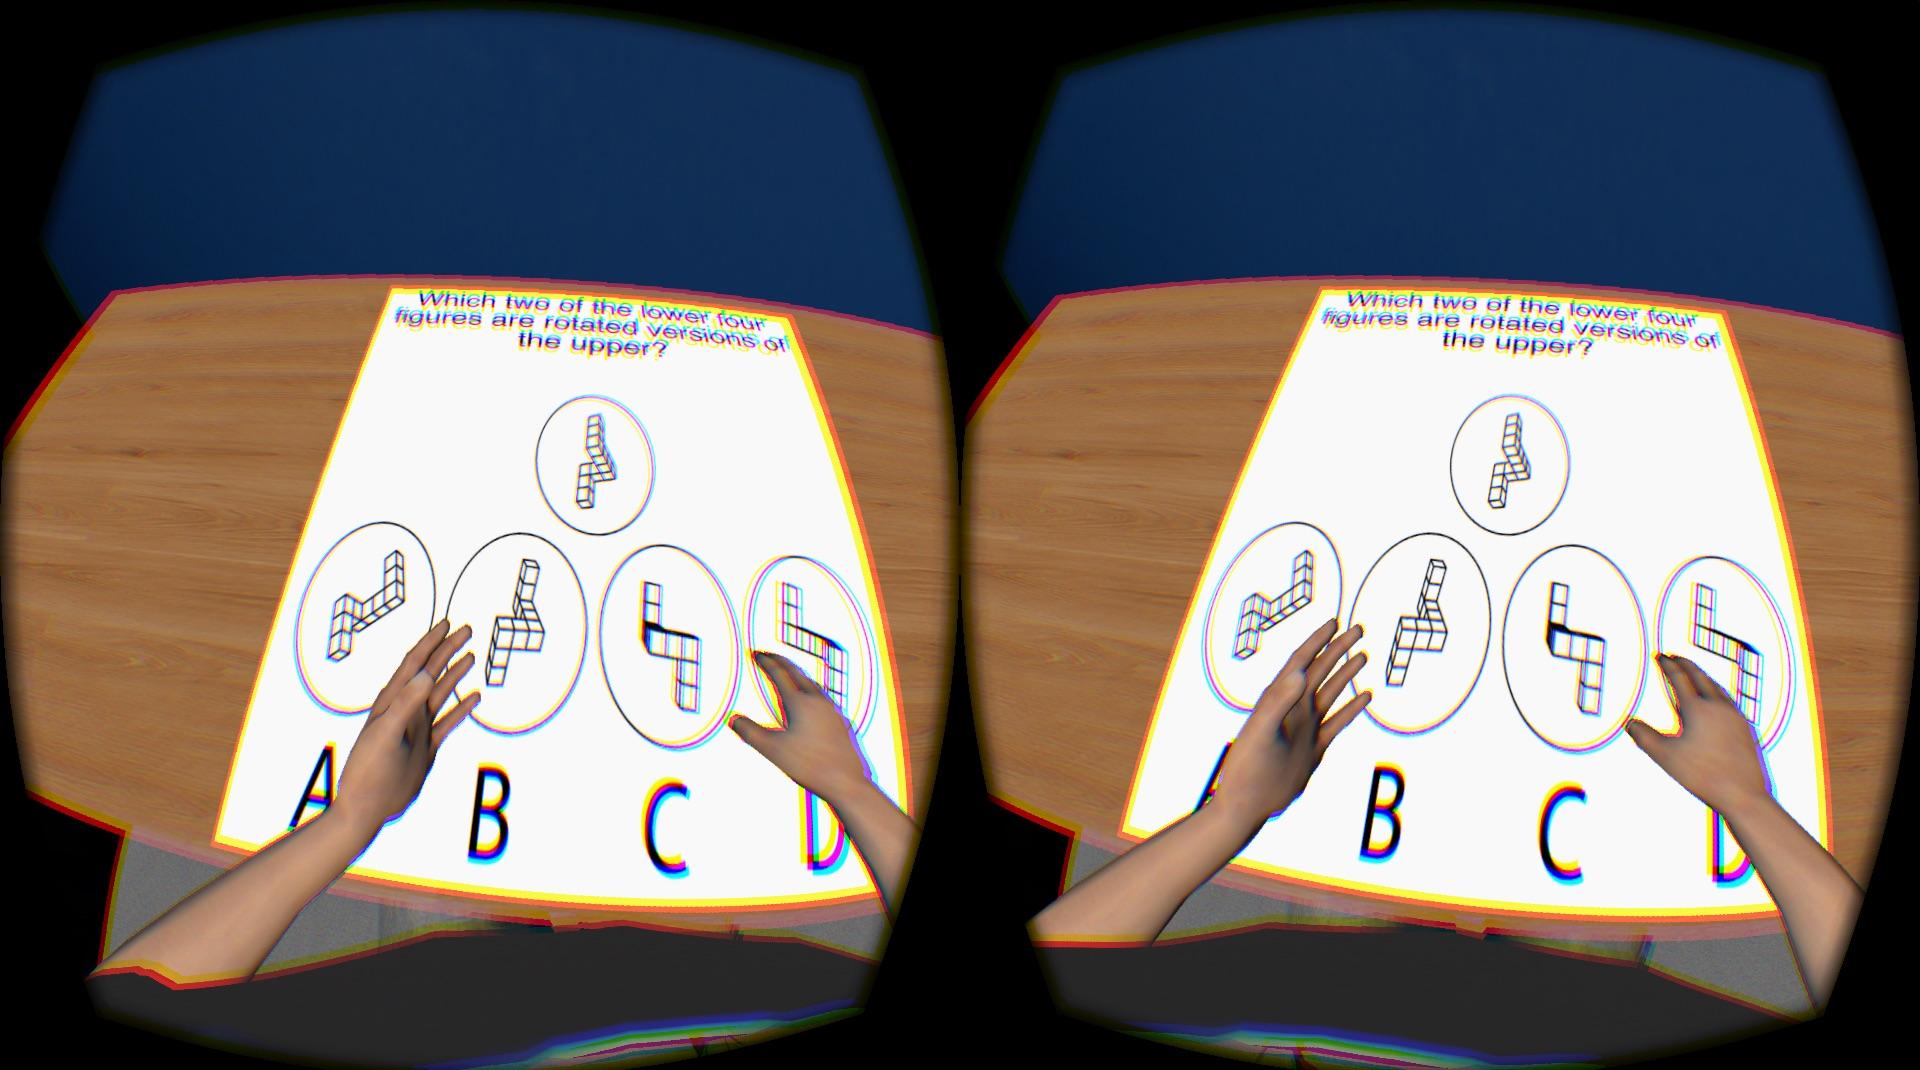 A VR pode mudar a percepção do tempo?